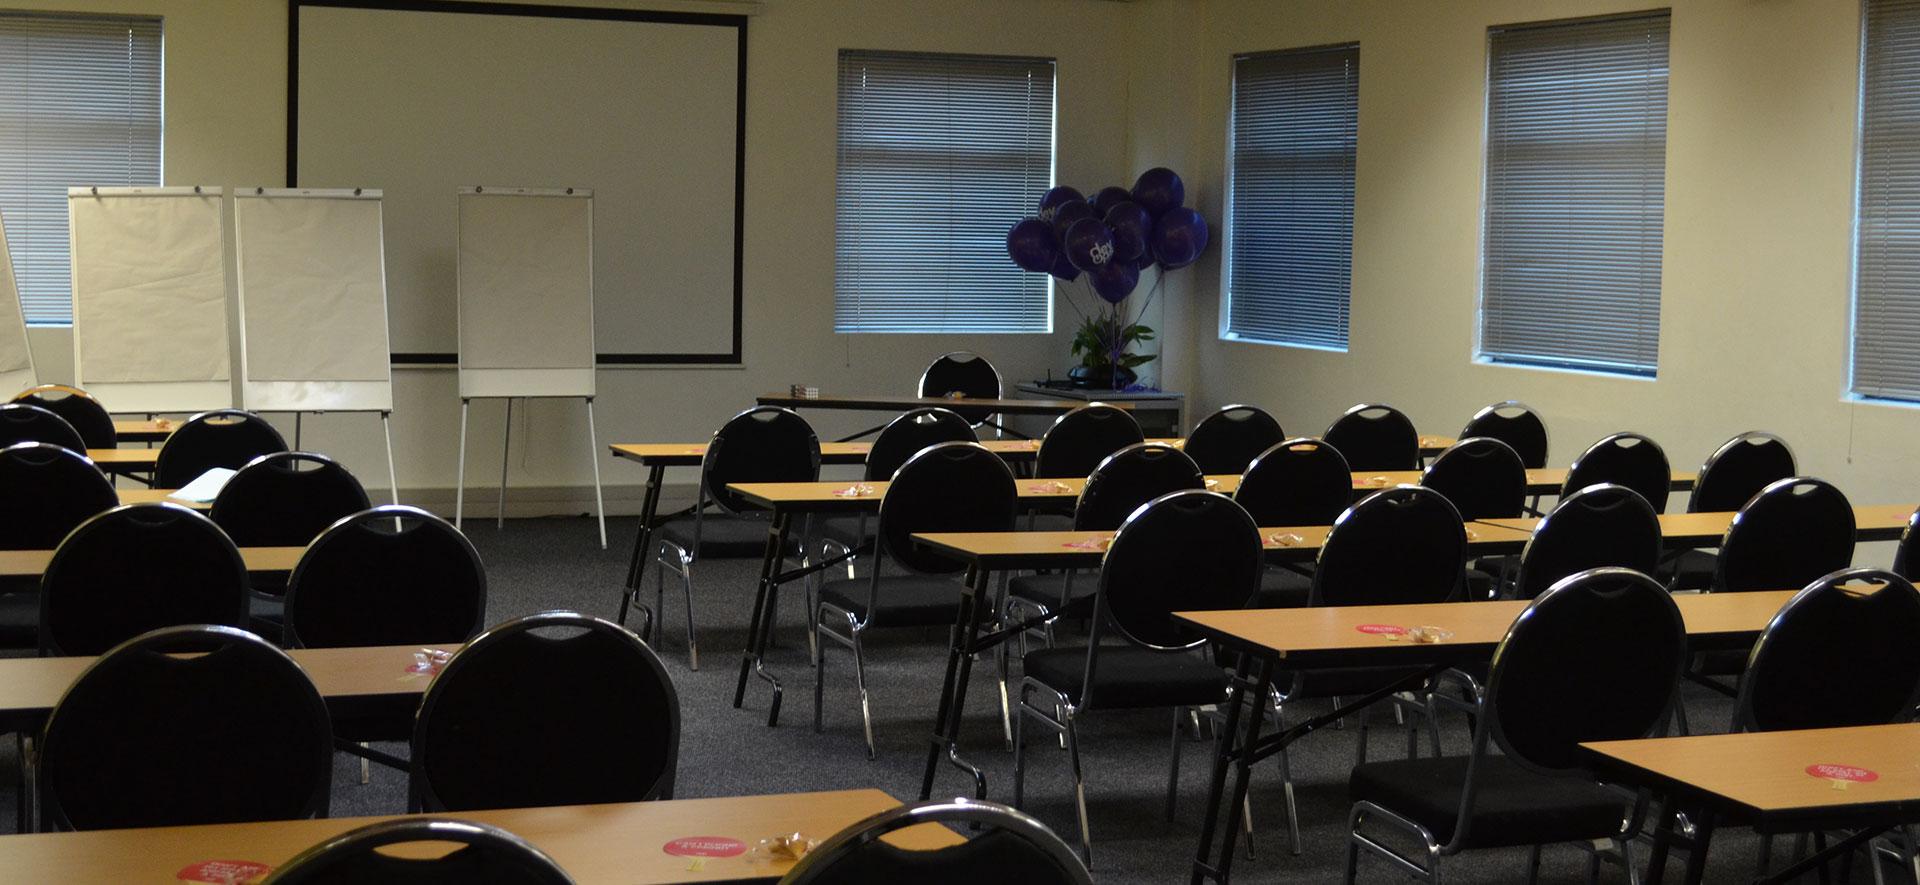 Venus - Presentation Room   Focus Rooms Conference Venue